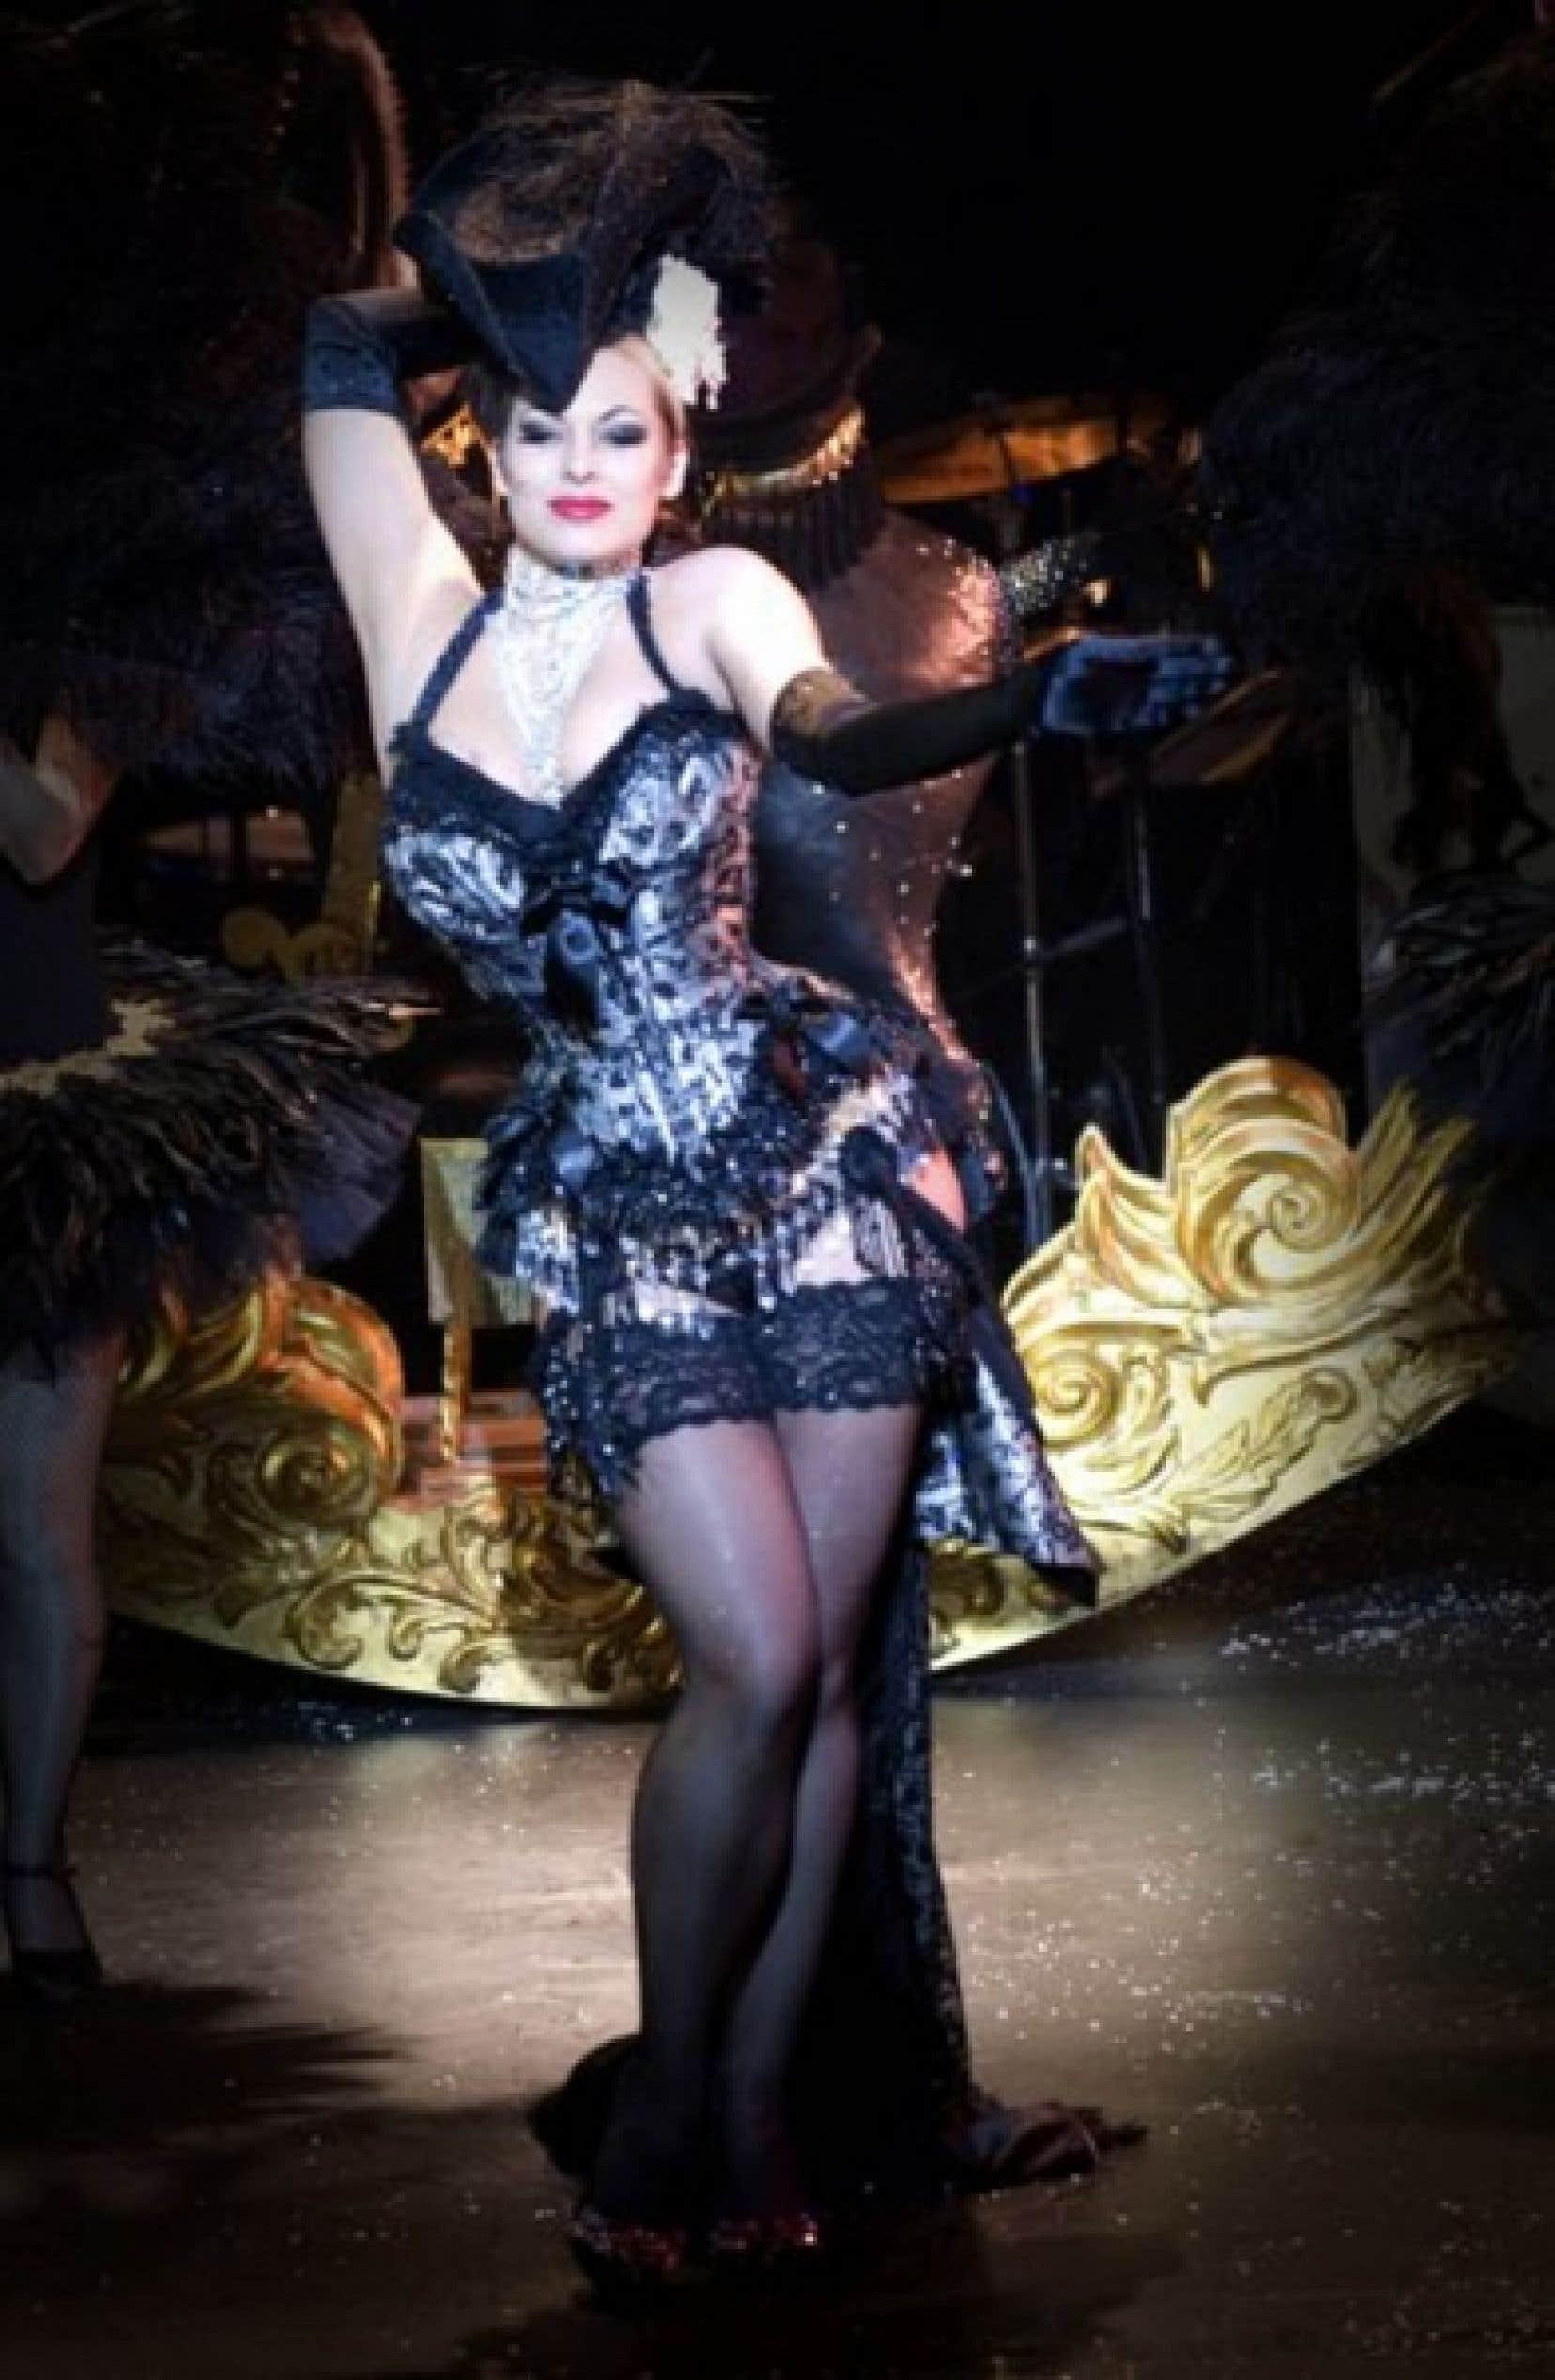 Immodesty Blaize, figure de proue de la scène burlesque mondiale, sera à Montréal.